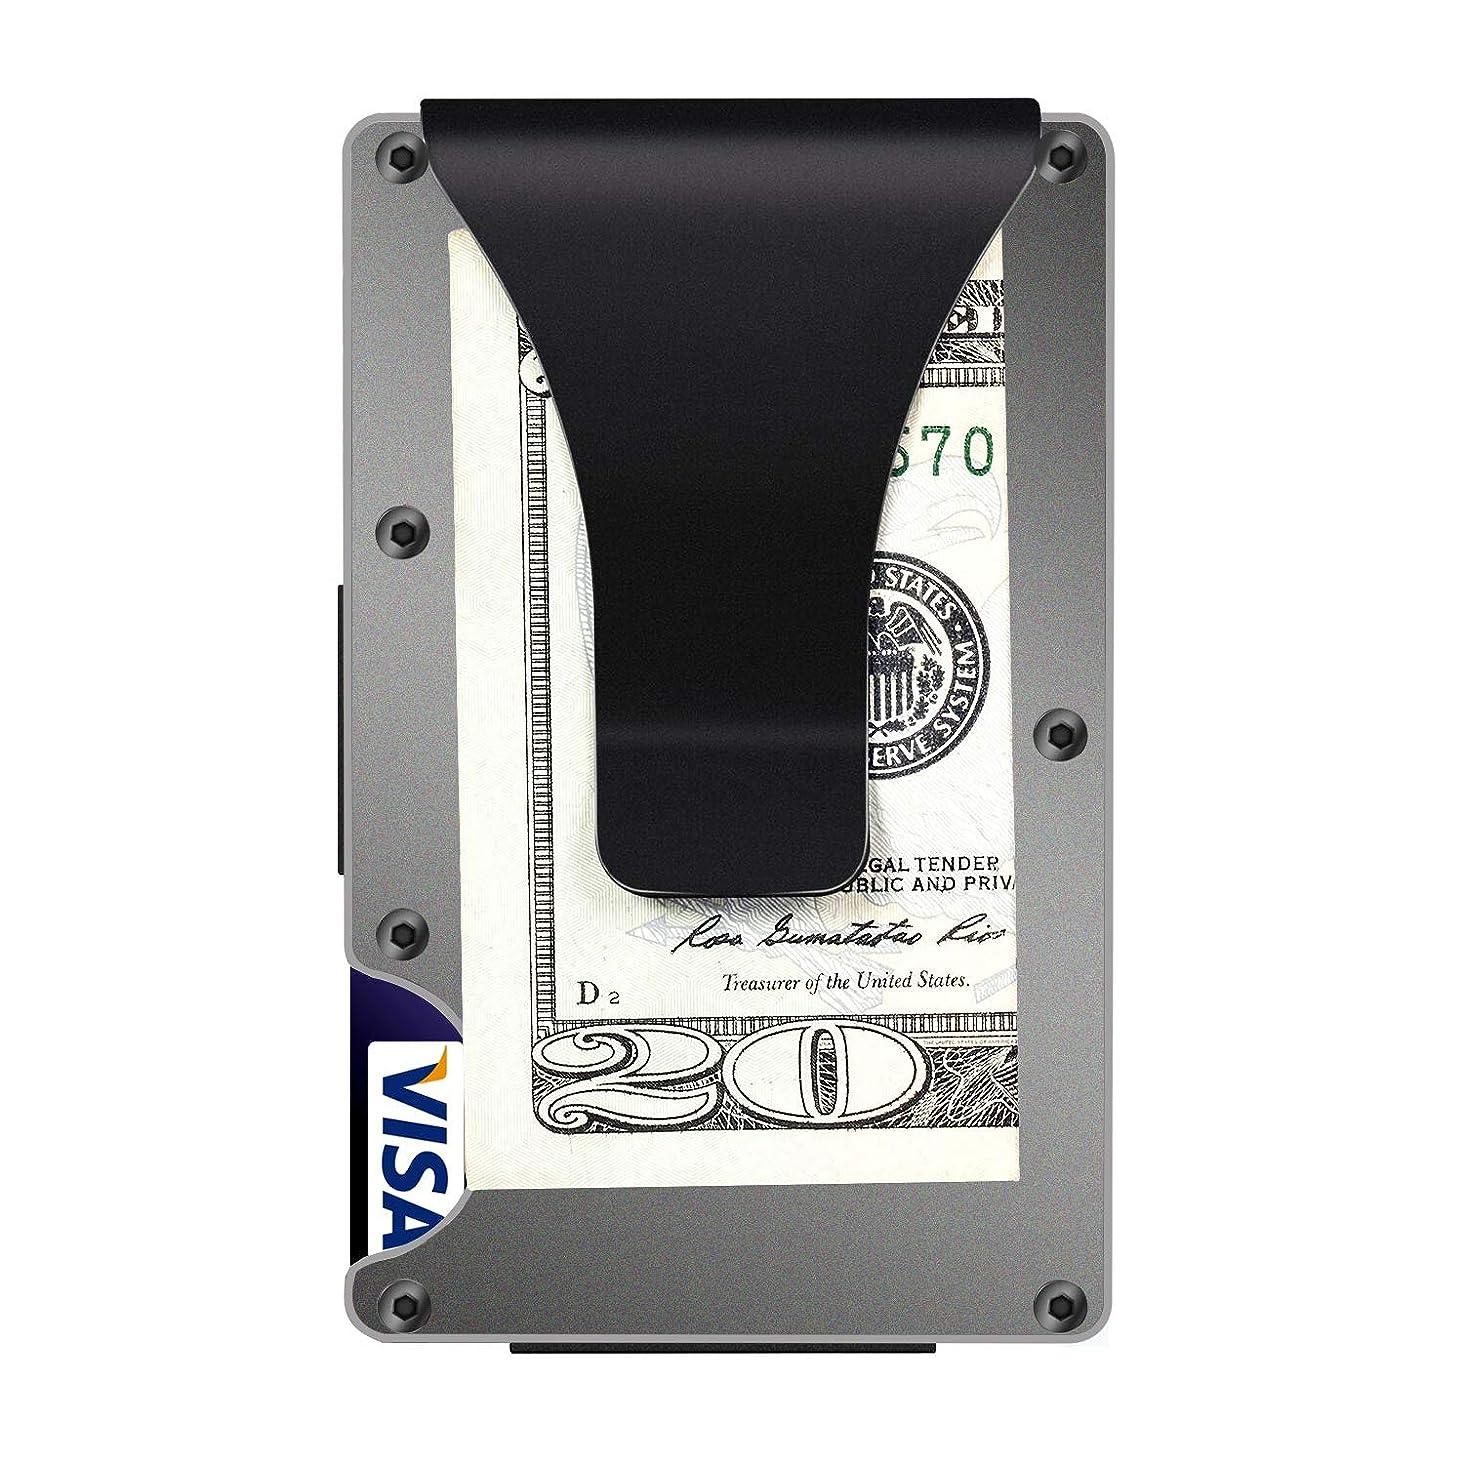 Carbon Fiber Aluminum Mens Wallet Money Clip Wallets for Men RFID Blocking Minimalist Wallet, Slim Wallet